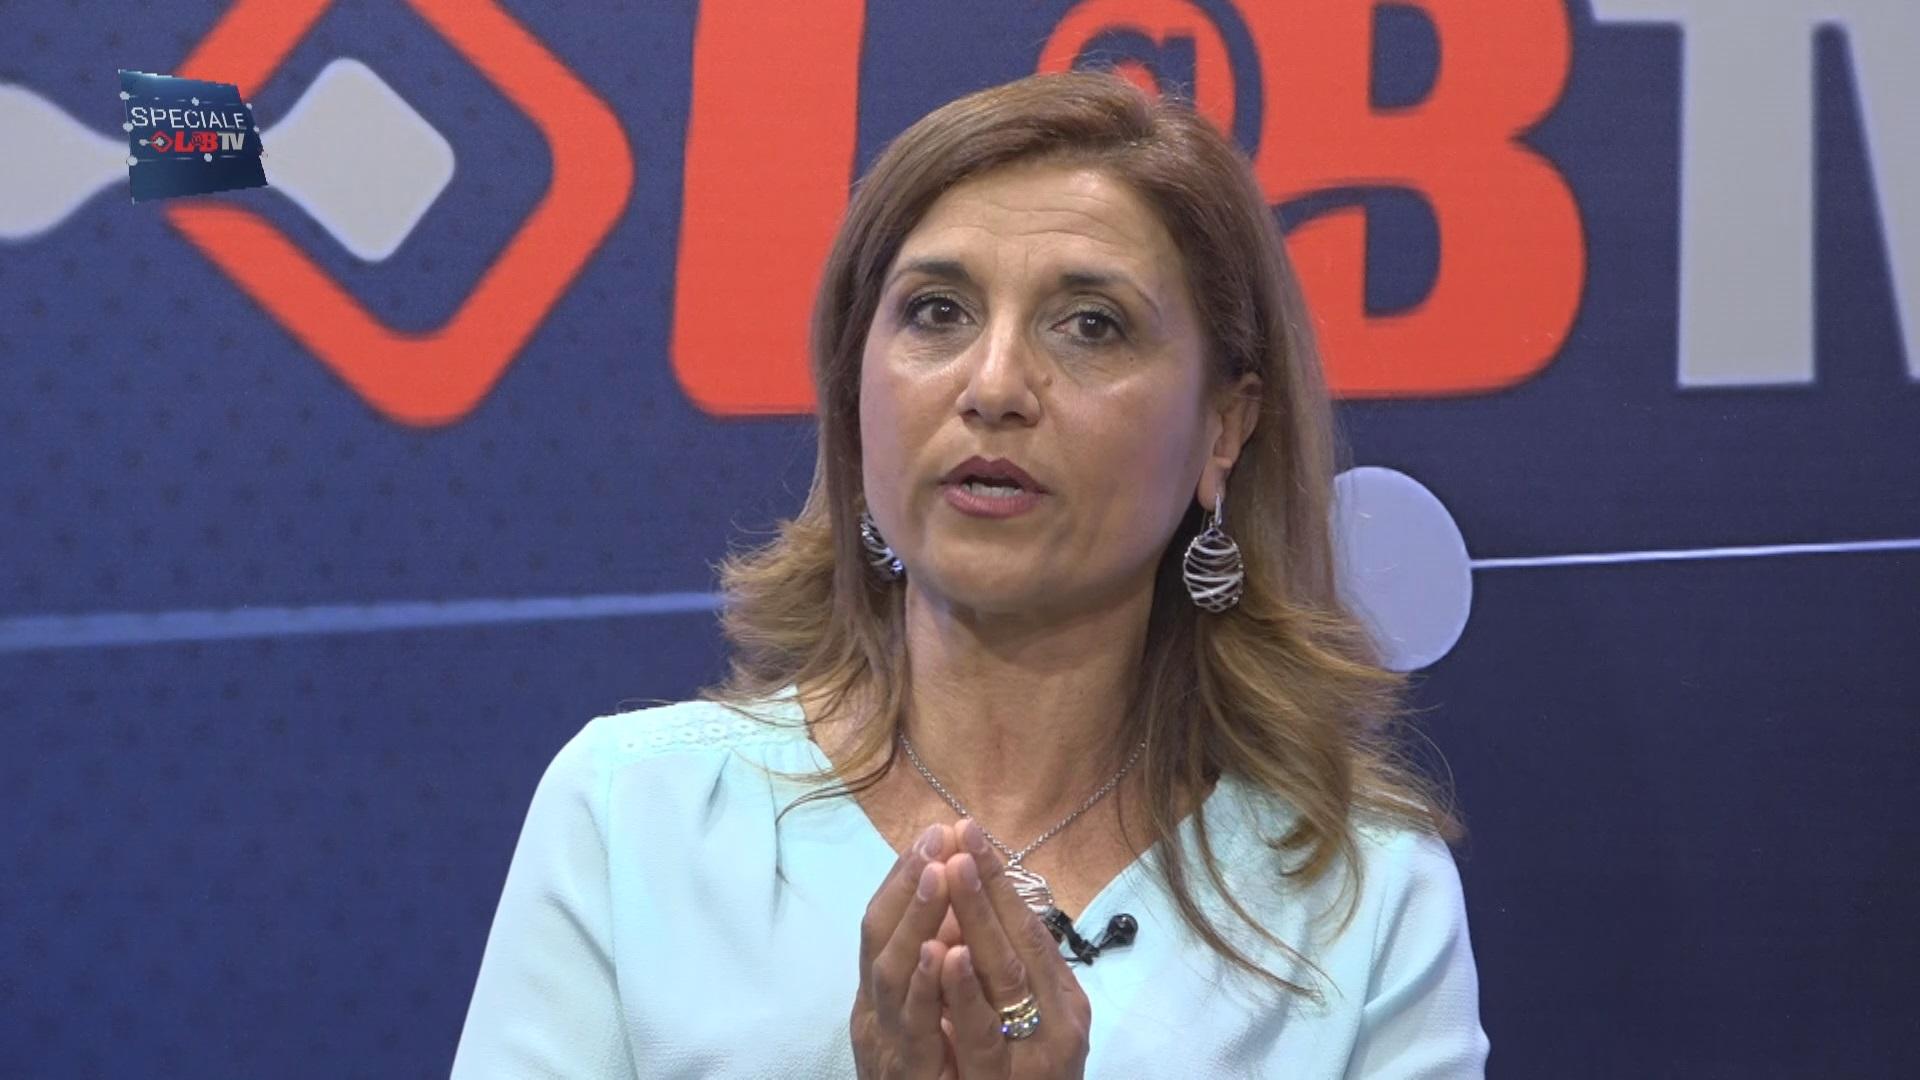 Benevento| Amina Ingaldi: non escludo il ritorno ma politica deve cambiare